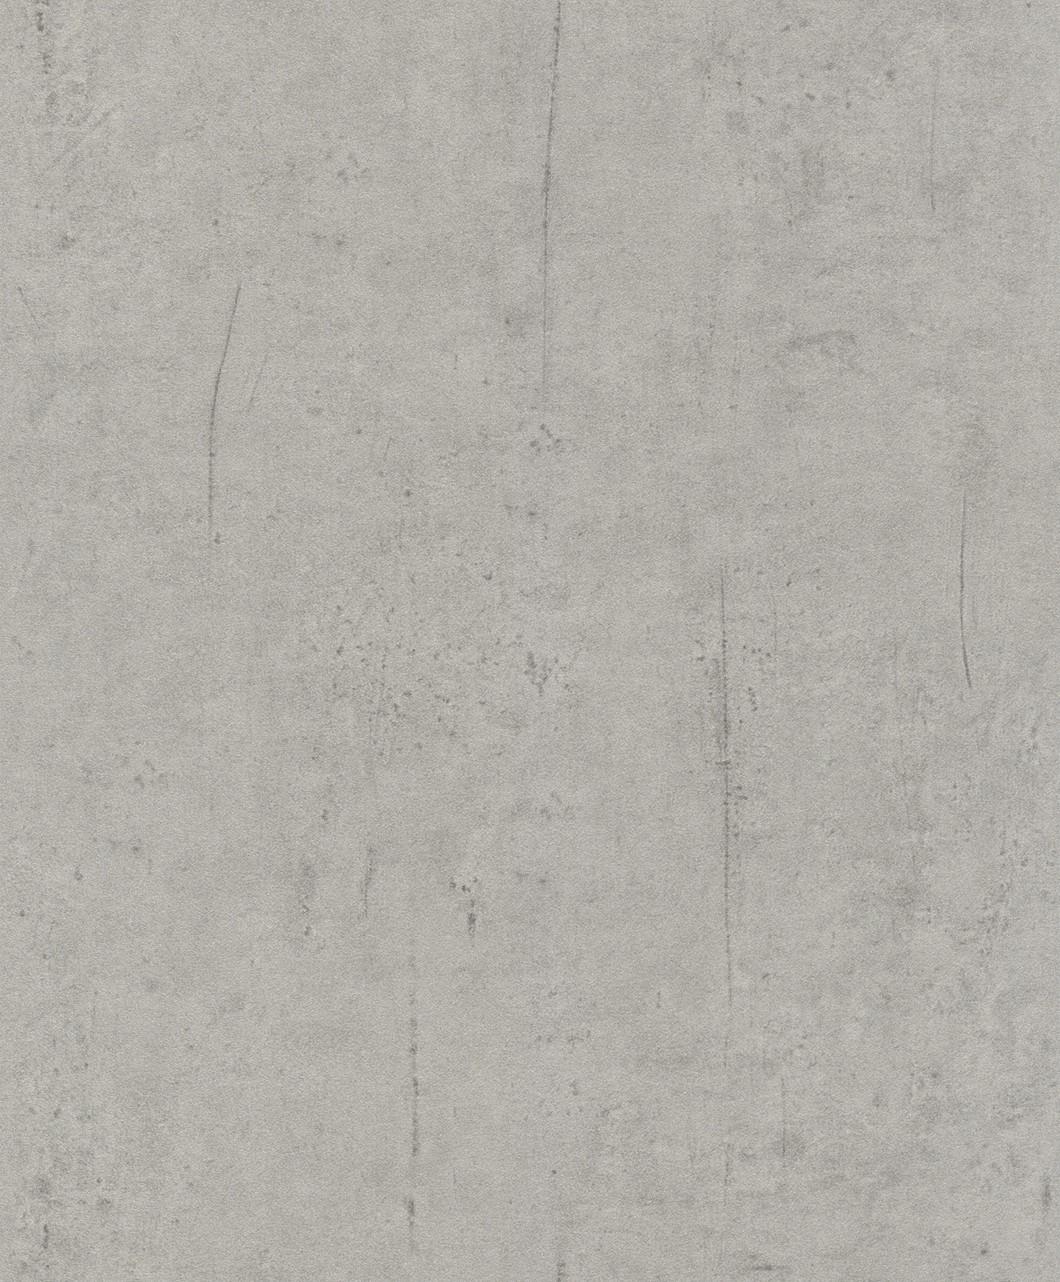 Full Size of Tapete Betonoptik Grau Obi Braun Hammer Hornbach Beton Optik Rasch Pure 475302 Bad Fototapete Fenster Küche Modern Tapeten Für Die Wohnzimmer Ideen Wohnzimmer Tapete Betonoptik